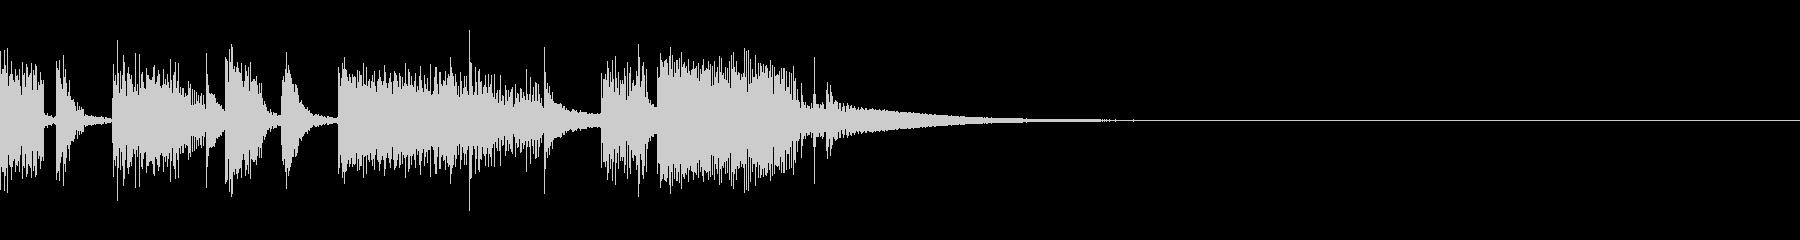 エレピがメインのジングルの未再生の波形